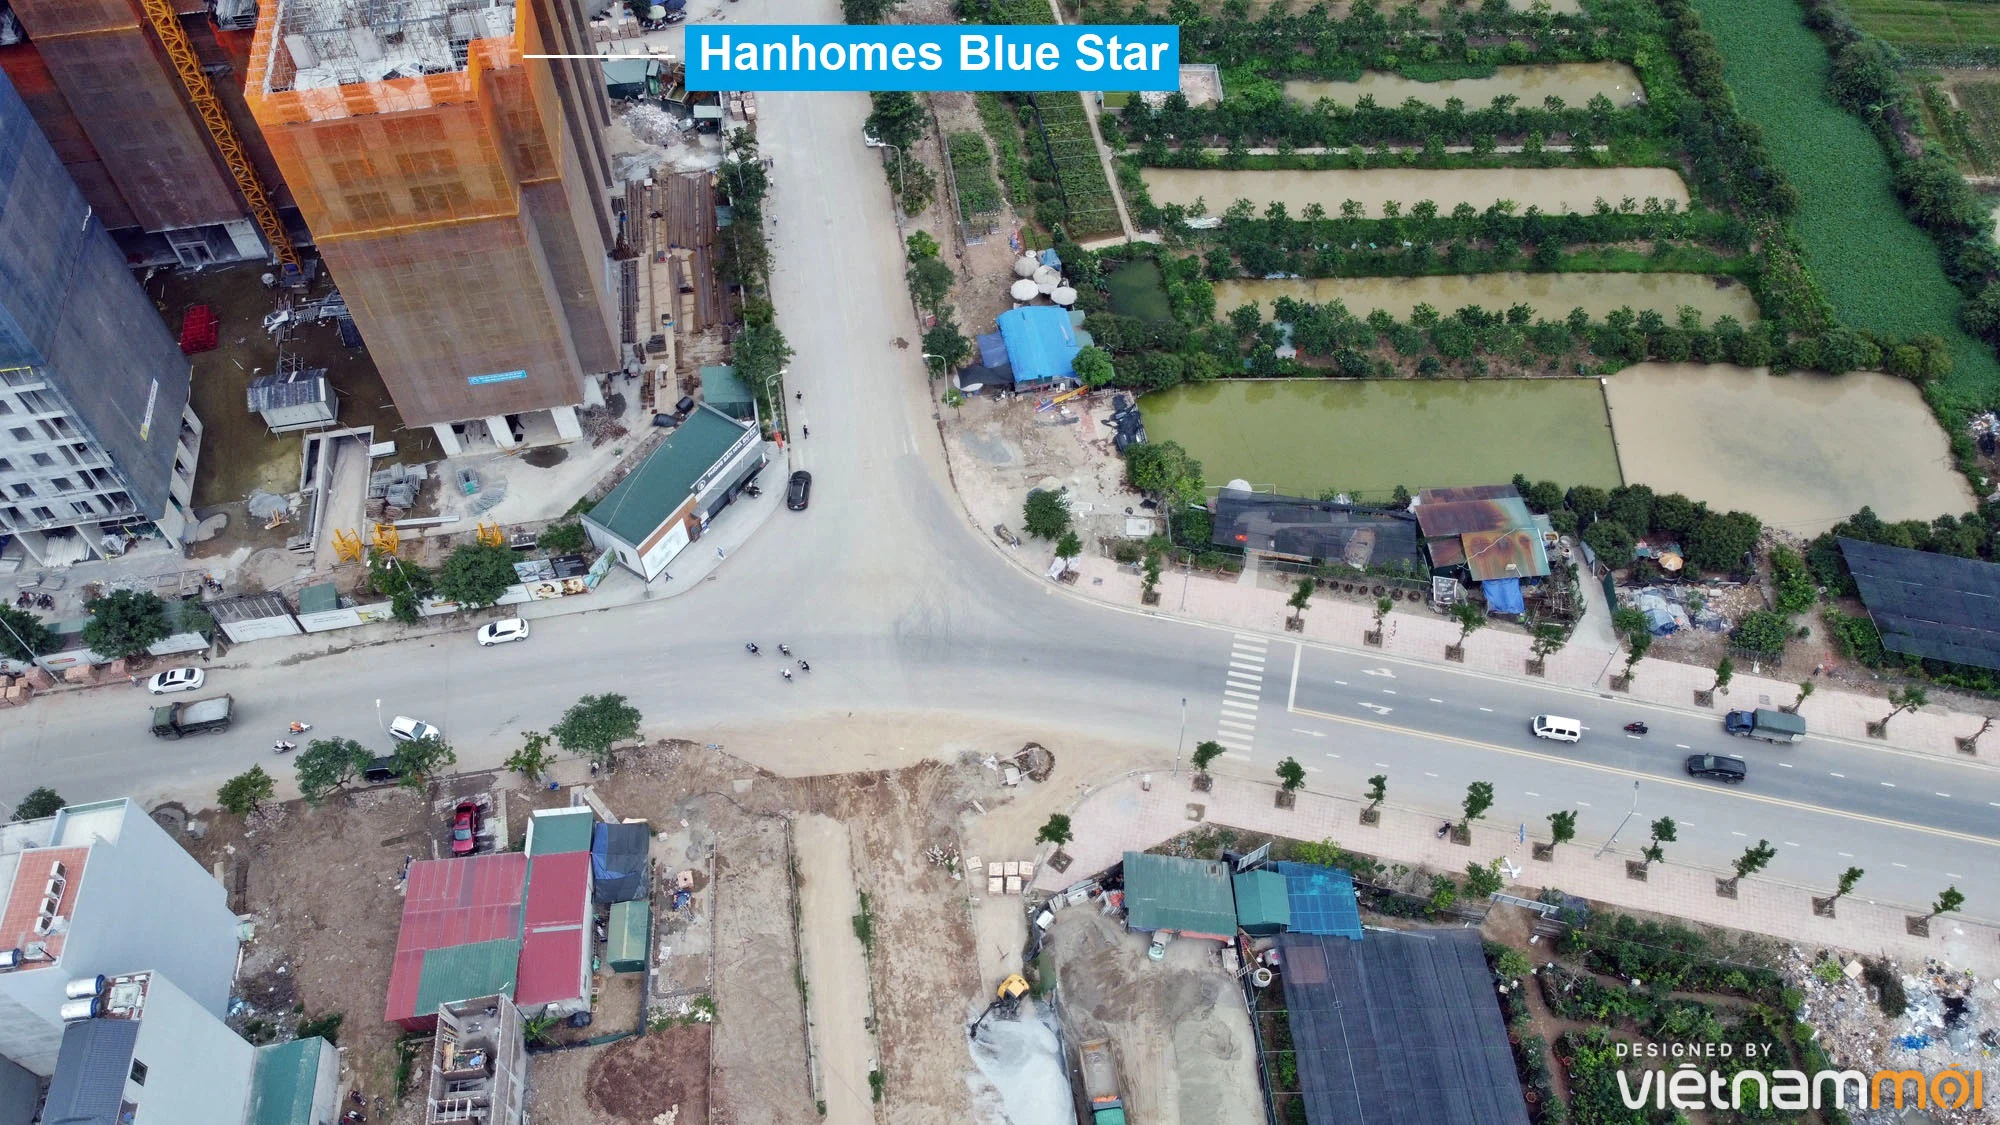 Toàn cảnh đường từ Kiêu Kỵ đến sông Cầu Bây qua Vinhomes Ocean Park đang mở theo quy hoạch ở Hà Nội - Ảnh 10.